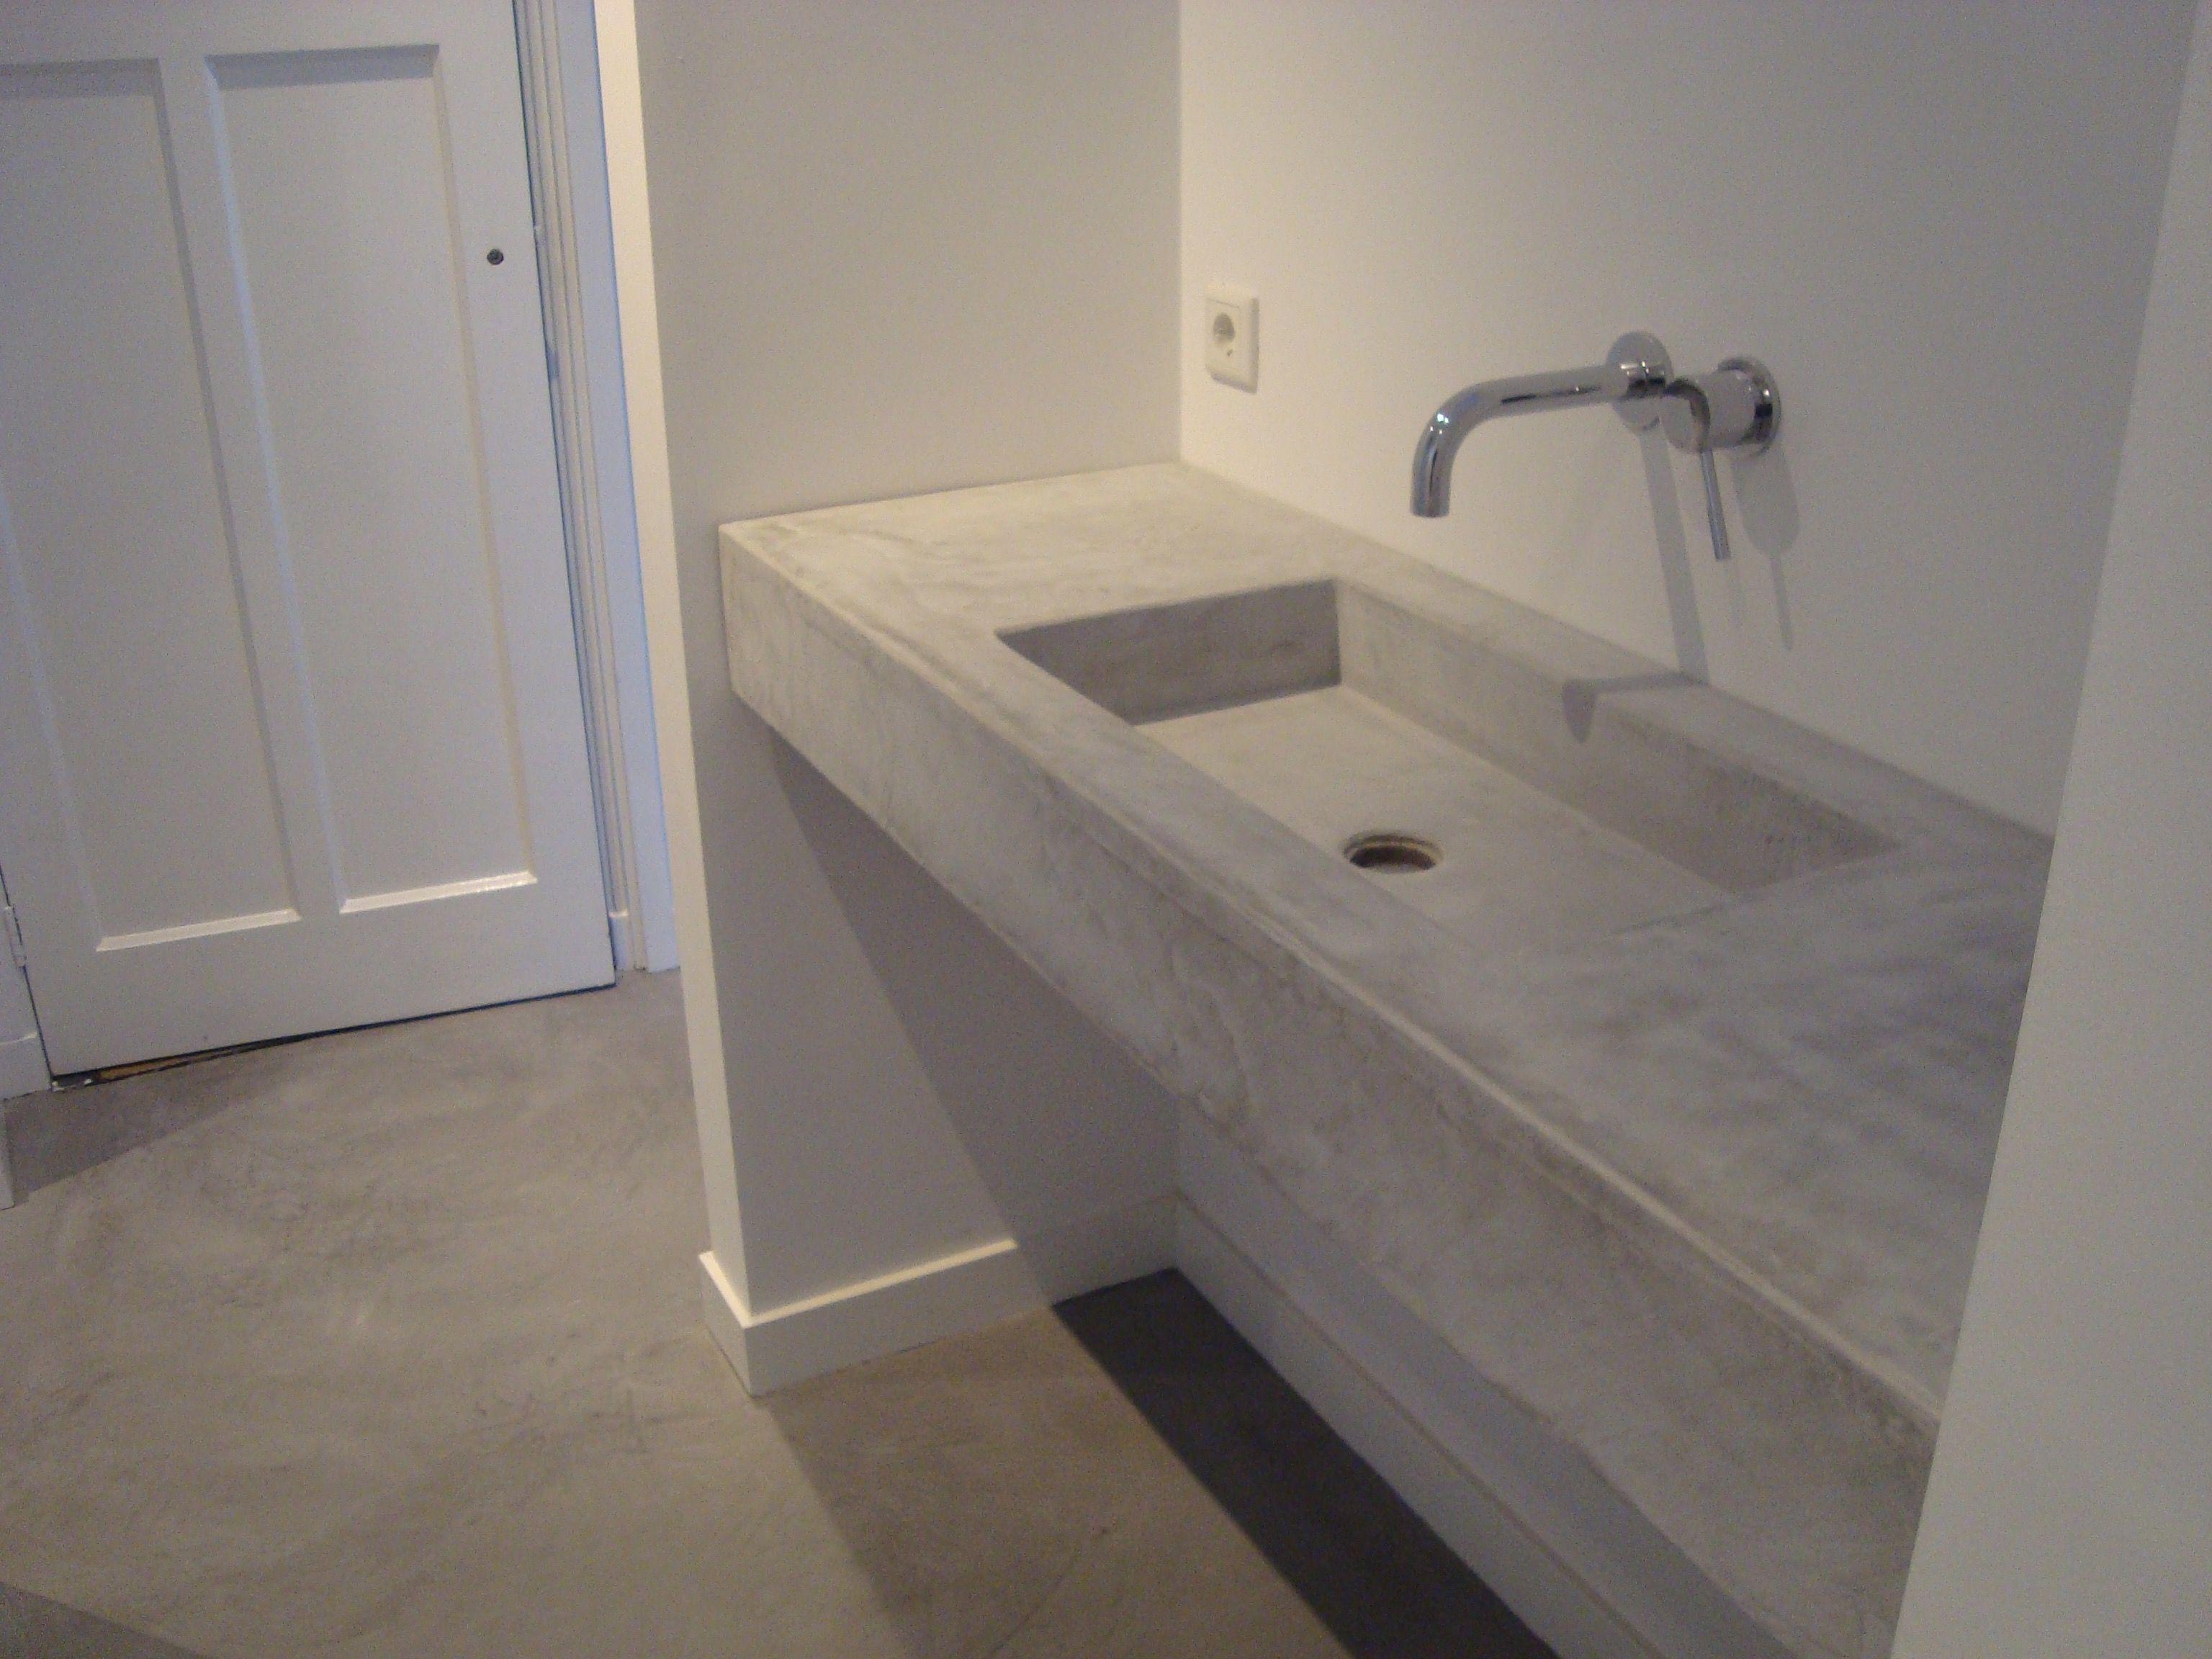 Mortex Badkamer Onderhoud : Mortex vloer gallery of beautiful gestucte badkamers betonlook